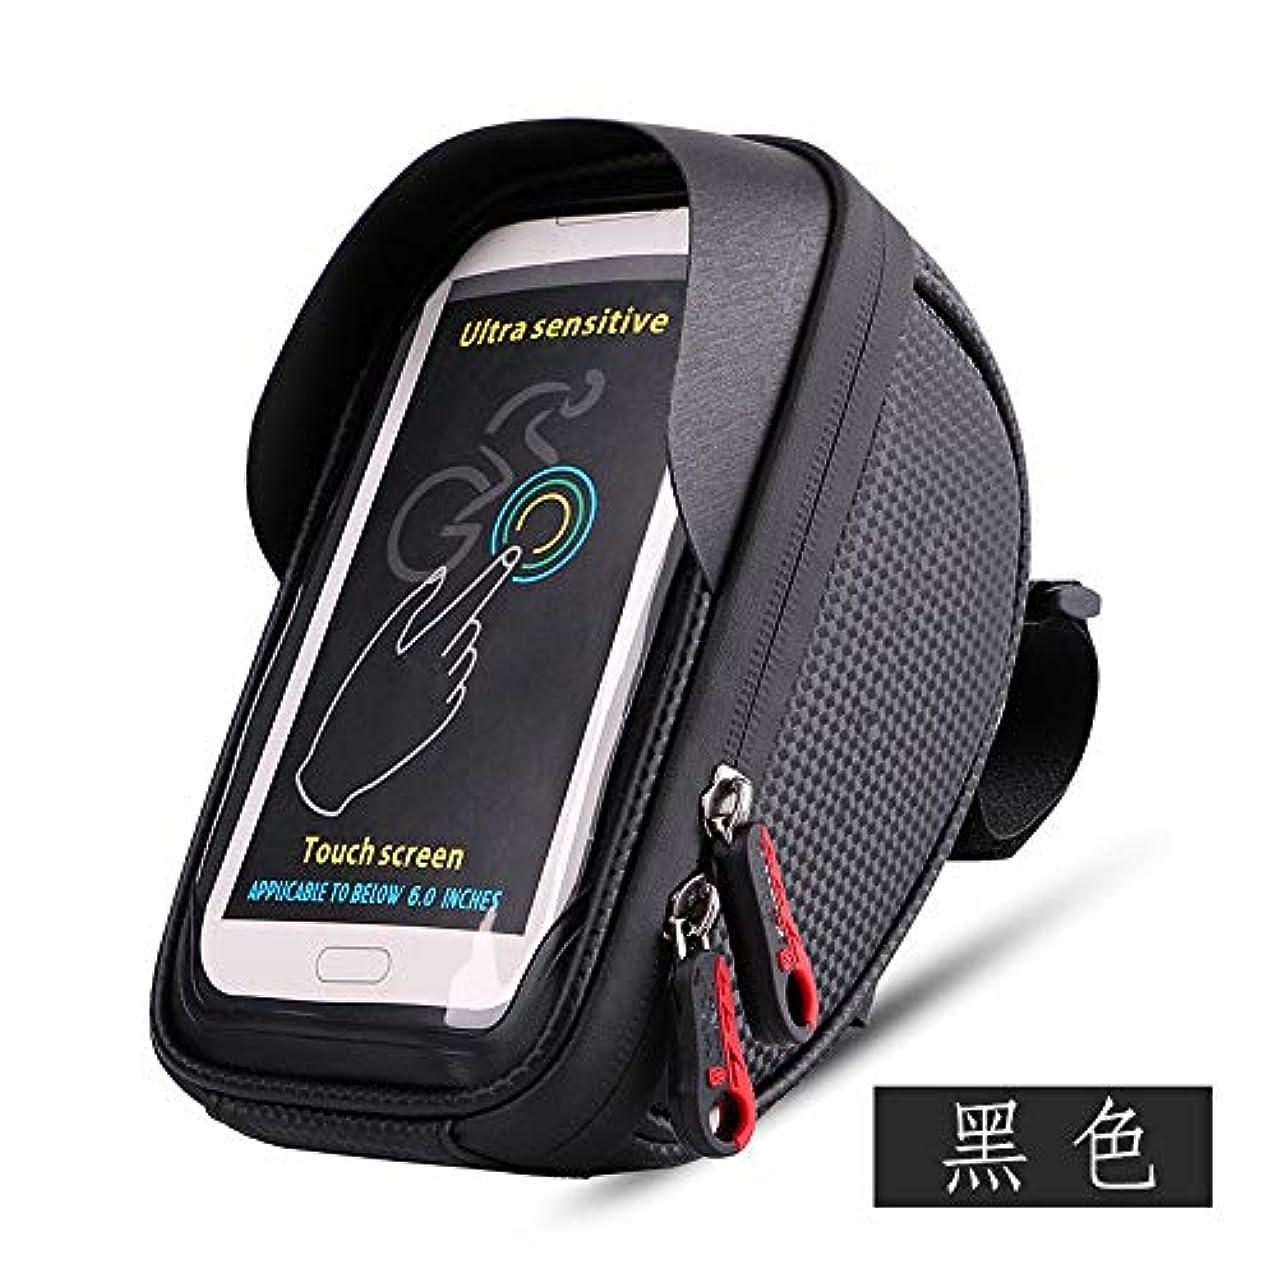 サイトライン反対したボルト自転車バッグ防水袋タッチスクリーン電話袋 (色 : ブラック)